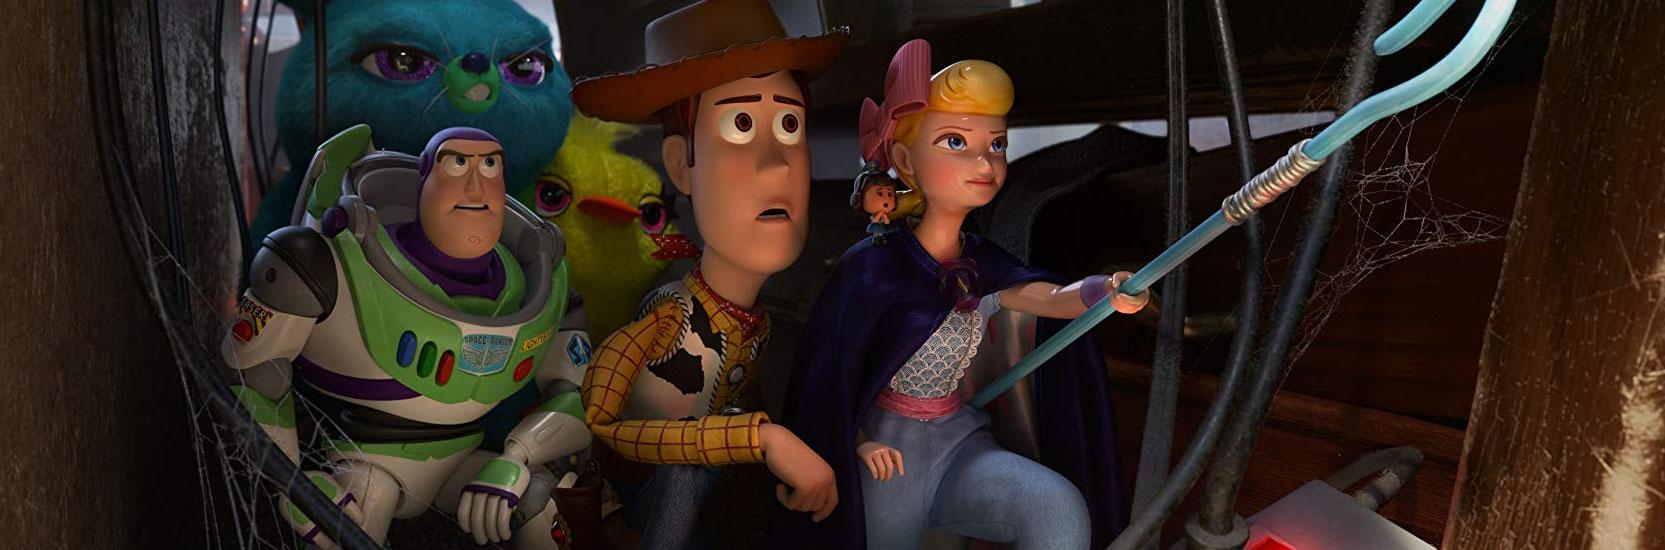 Critique – Toy Story 4 ou le retour de la bergère